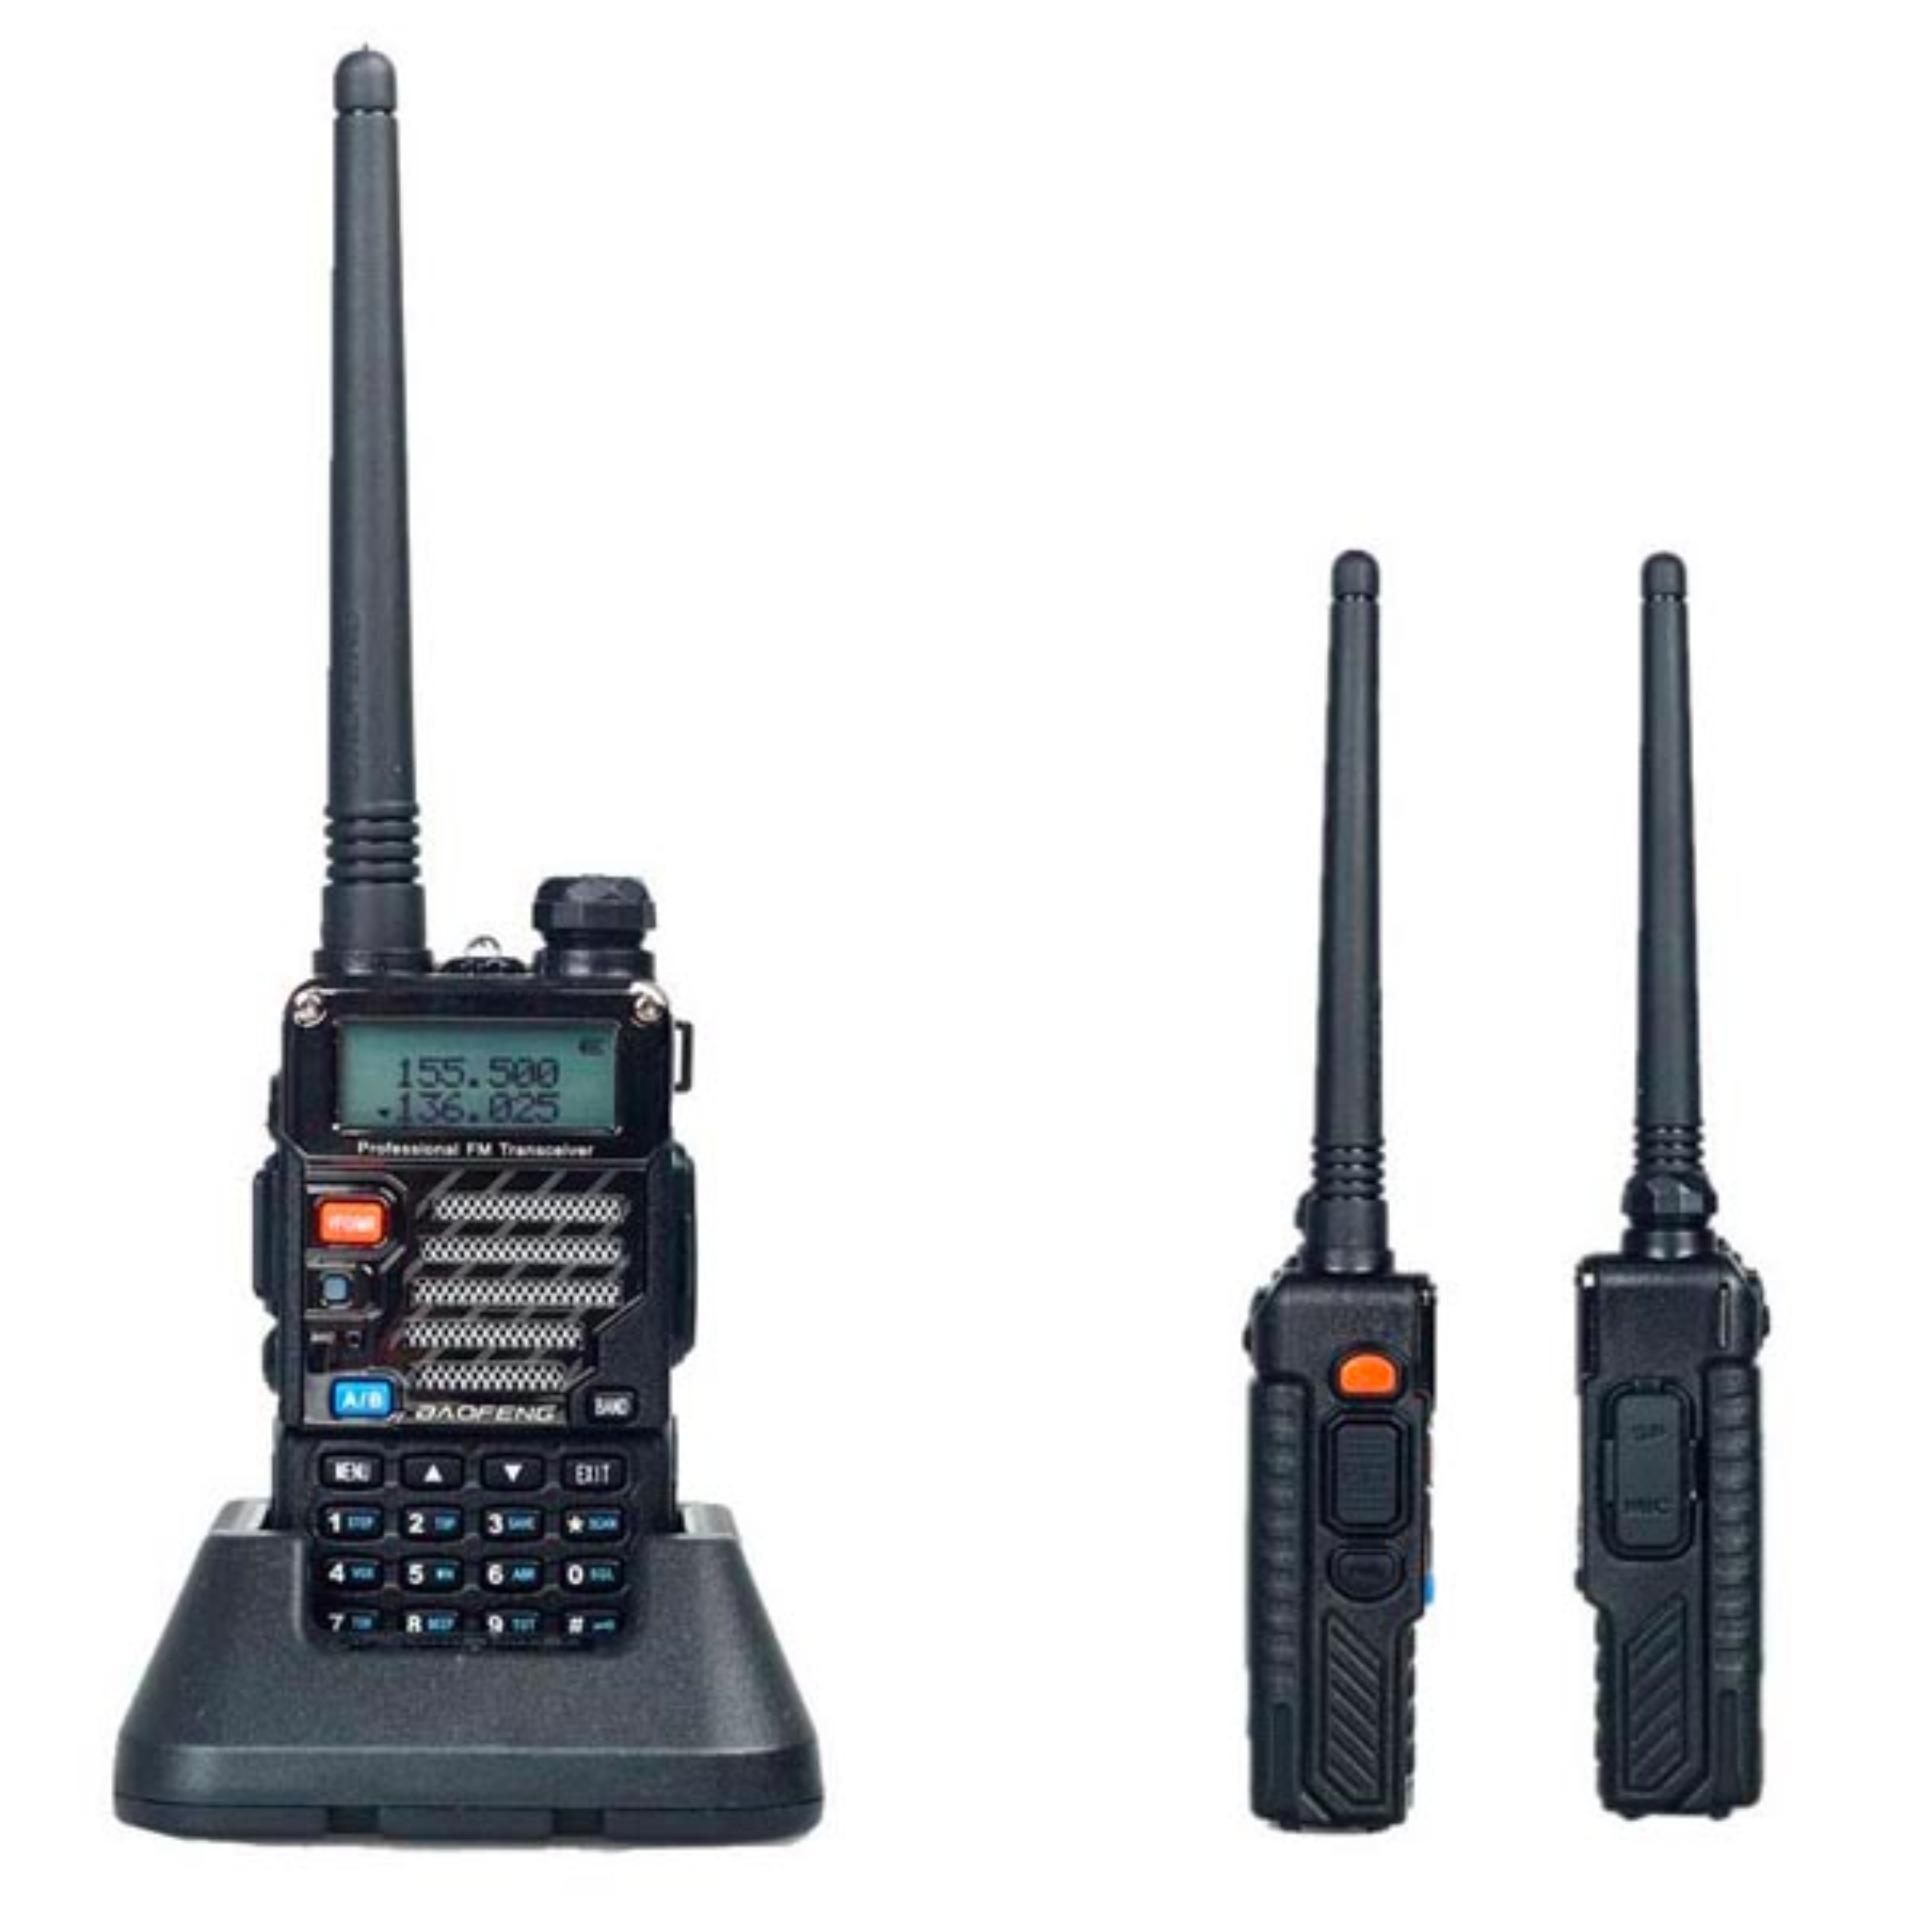 Tips Beli Baofeng Walkie Talkie Dual Band Two Way Radio 5W 128Ch Uhf Vhf Bf Uv5Re Plus Hitam Yang Bagus